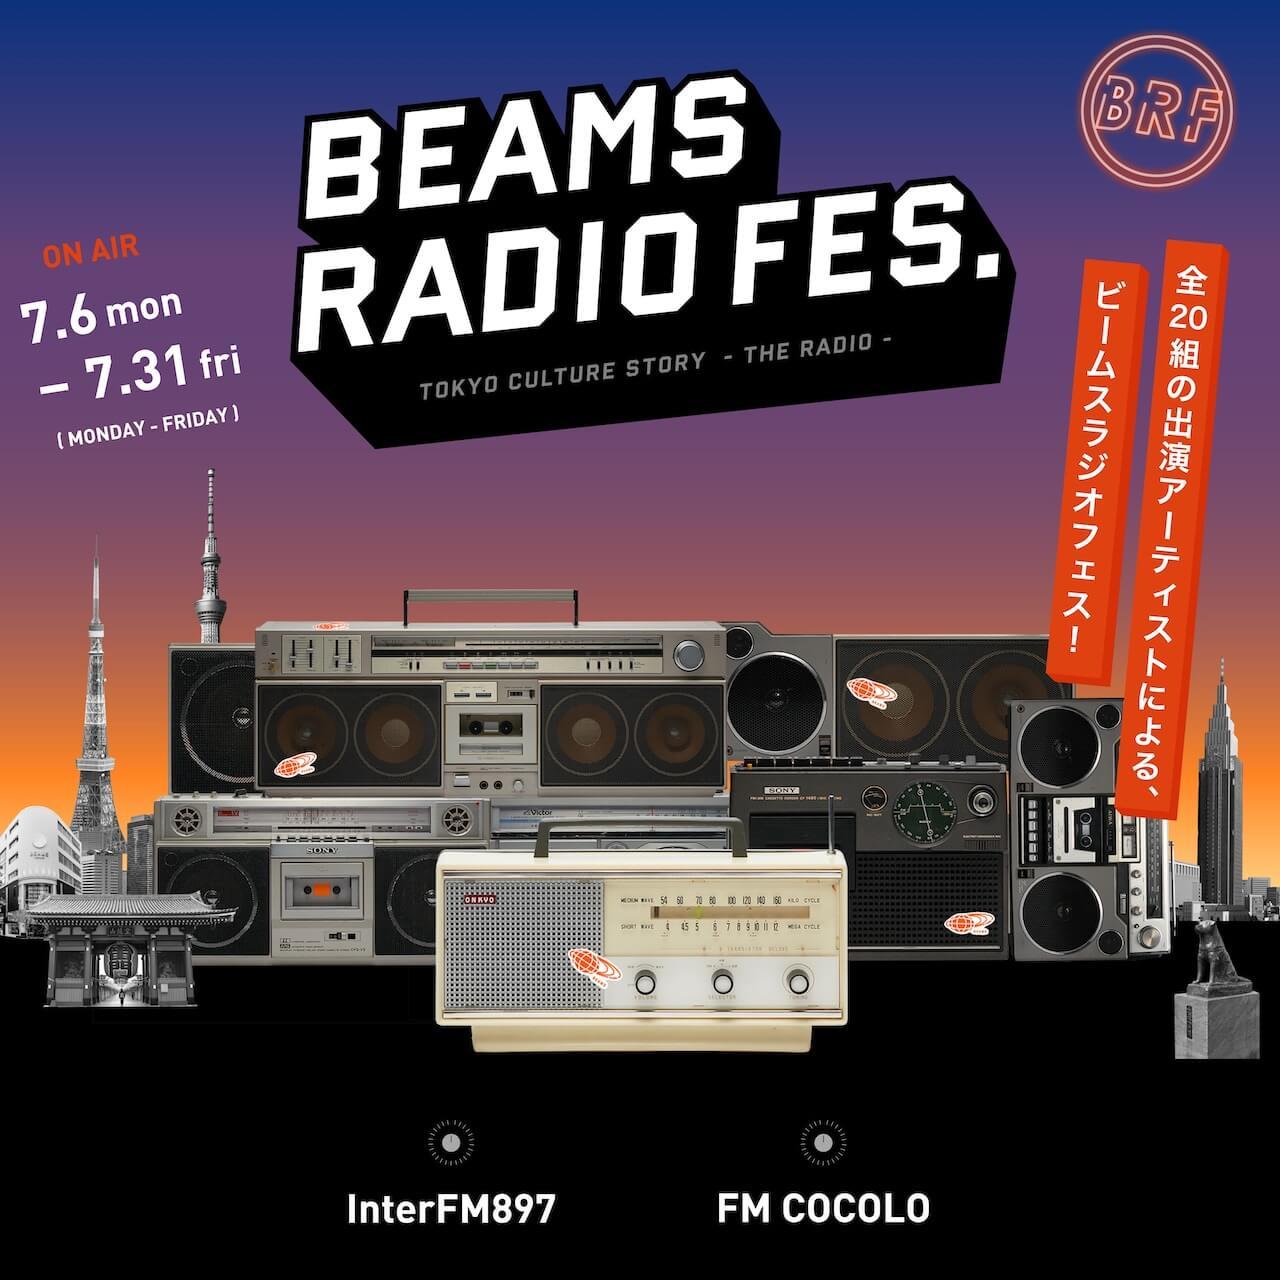 あの忘れがたい高鳴りを──新企画<BEAMS RADIO FES.>にD.A.N.、Ovall、HIMI、長谷川白紙、SIRUP、堀込泰行ら20組が集結 music200701-beams-radio-fes-1